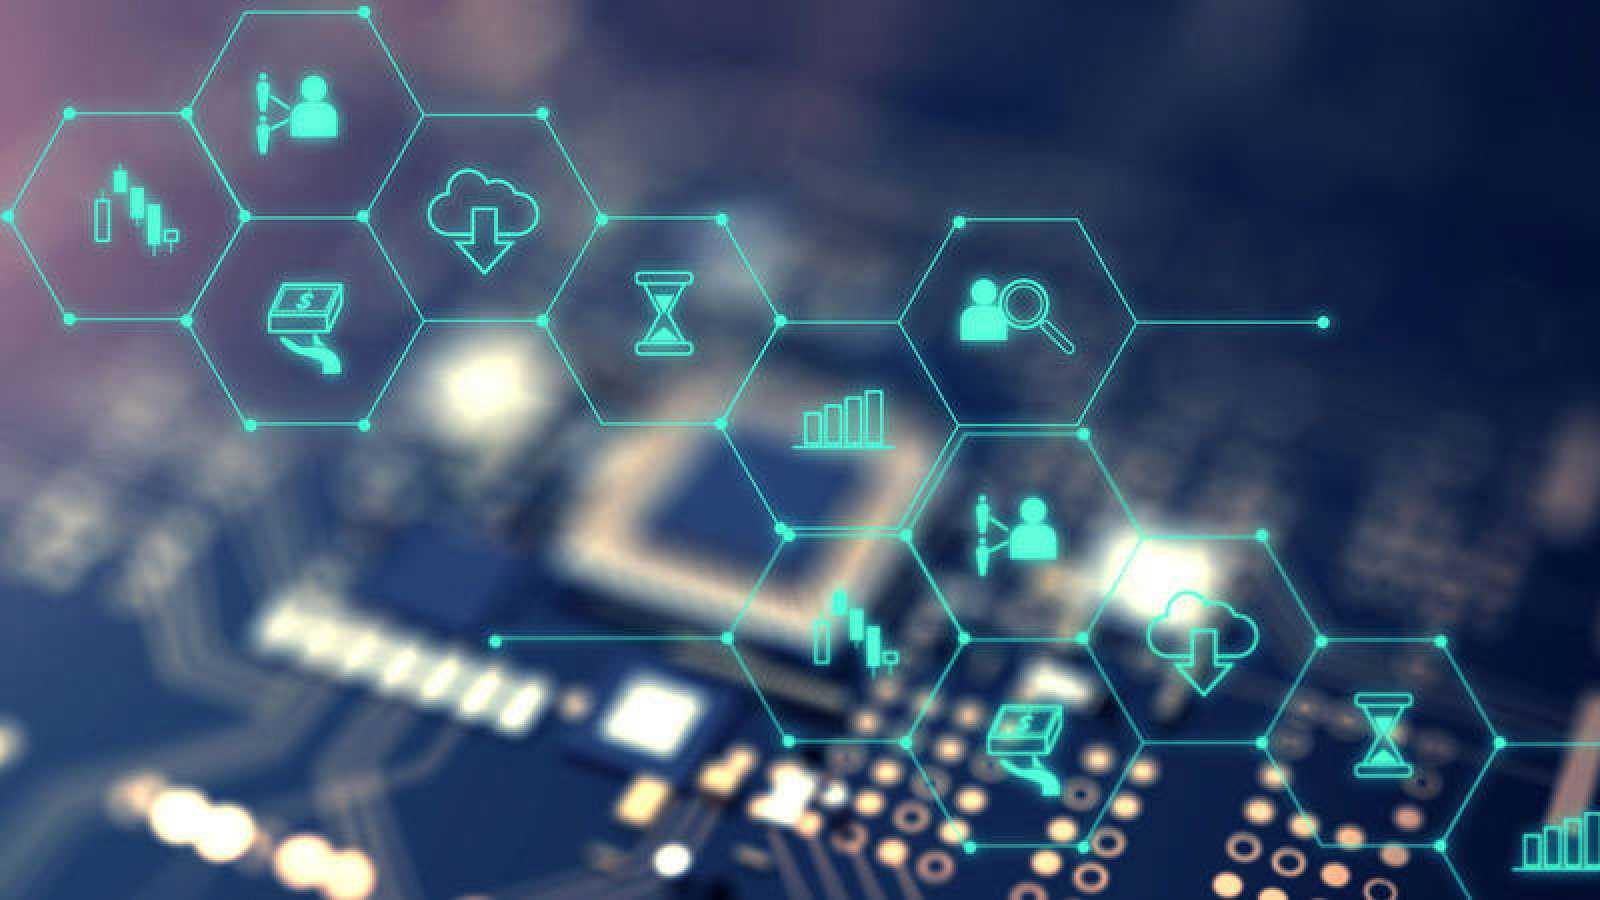 La cadena de bloques o 'blockchain', una tecnología prometedora con riesgos y aristas